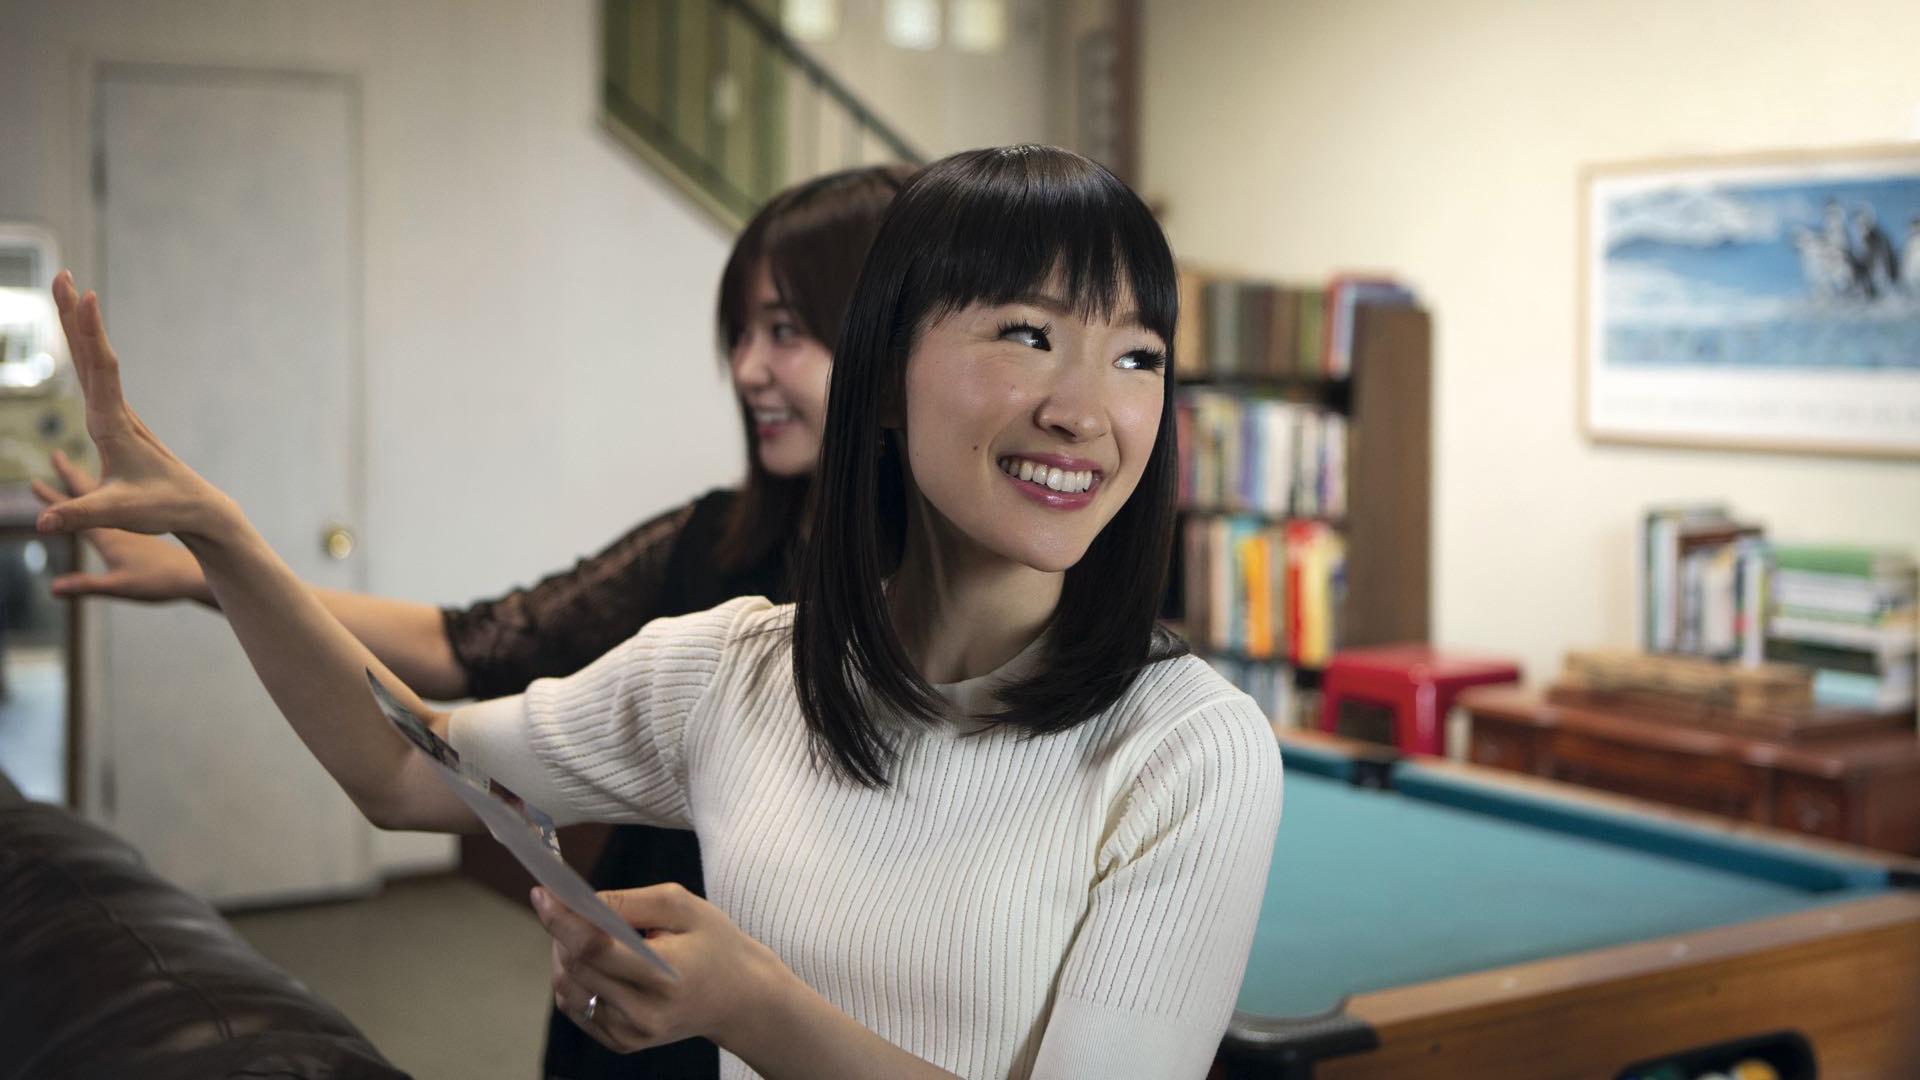 Japonesa Boom KondoLa En Orden Gurú Transformó El Que Se Marie Del Nn0m8w